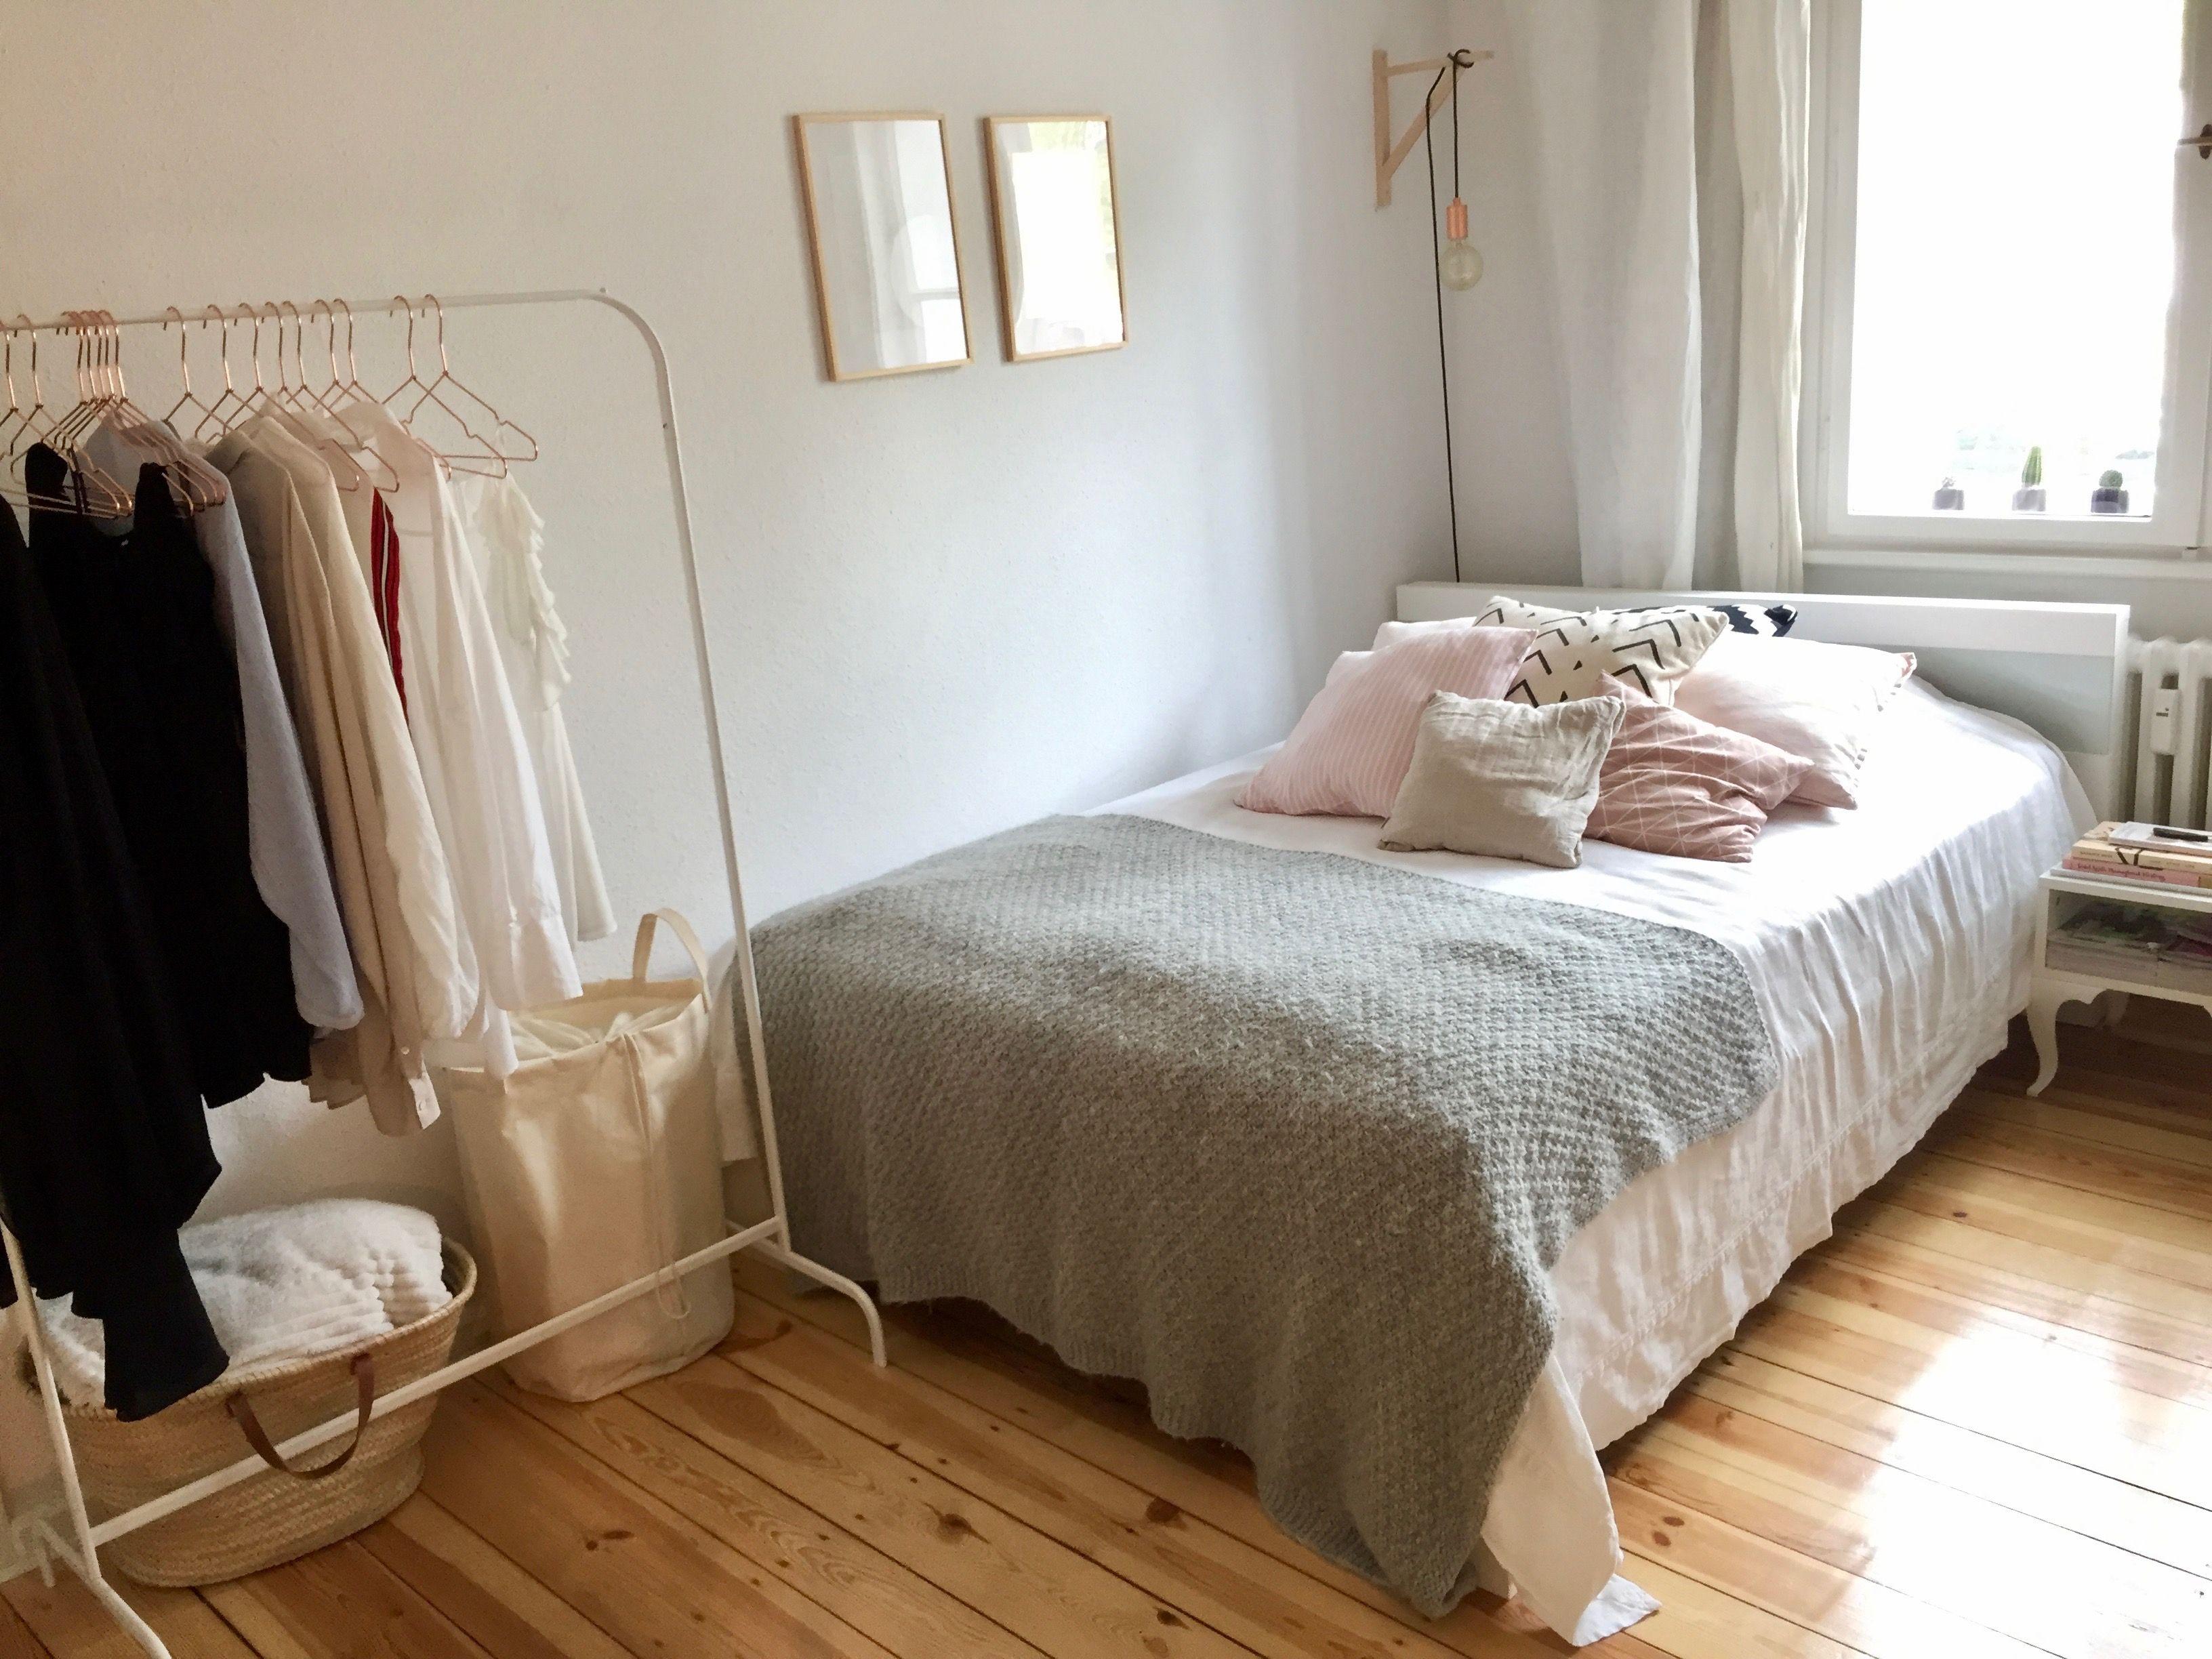 Helles Wohlfuhl Zimmer In Berliner Wg Wg Zimmer Wg Zimmer Einrichten Ideen Zimmer